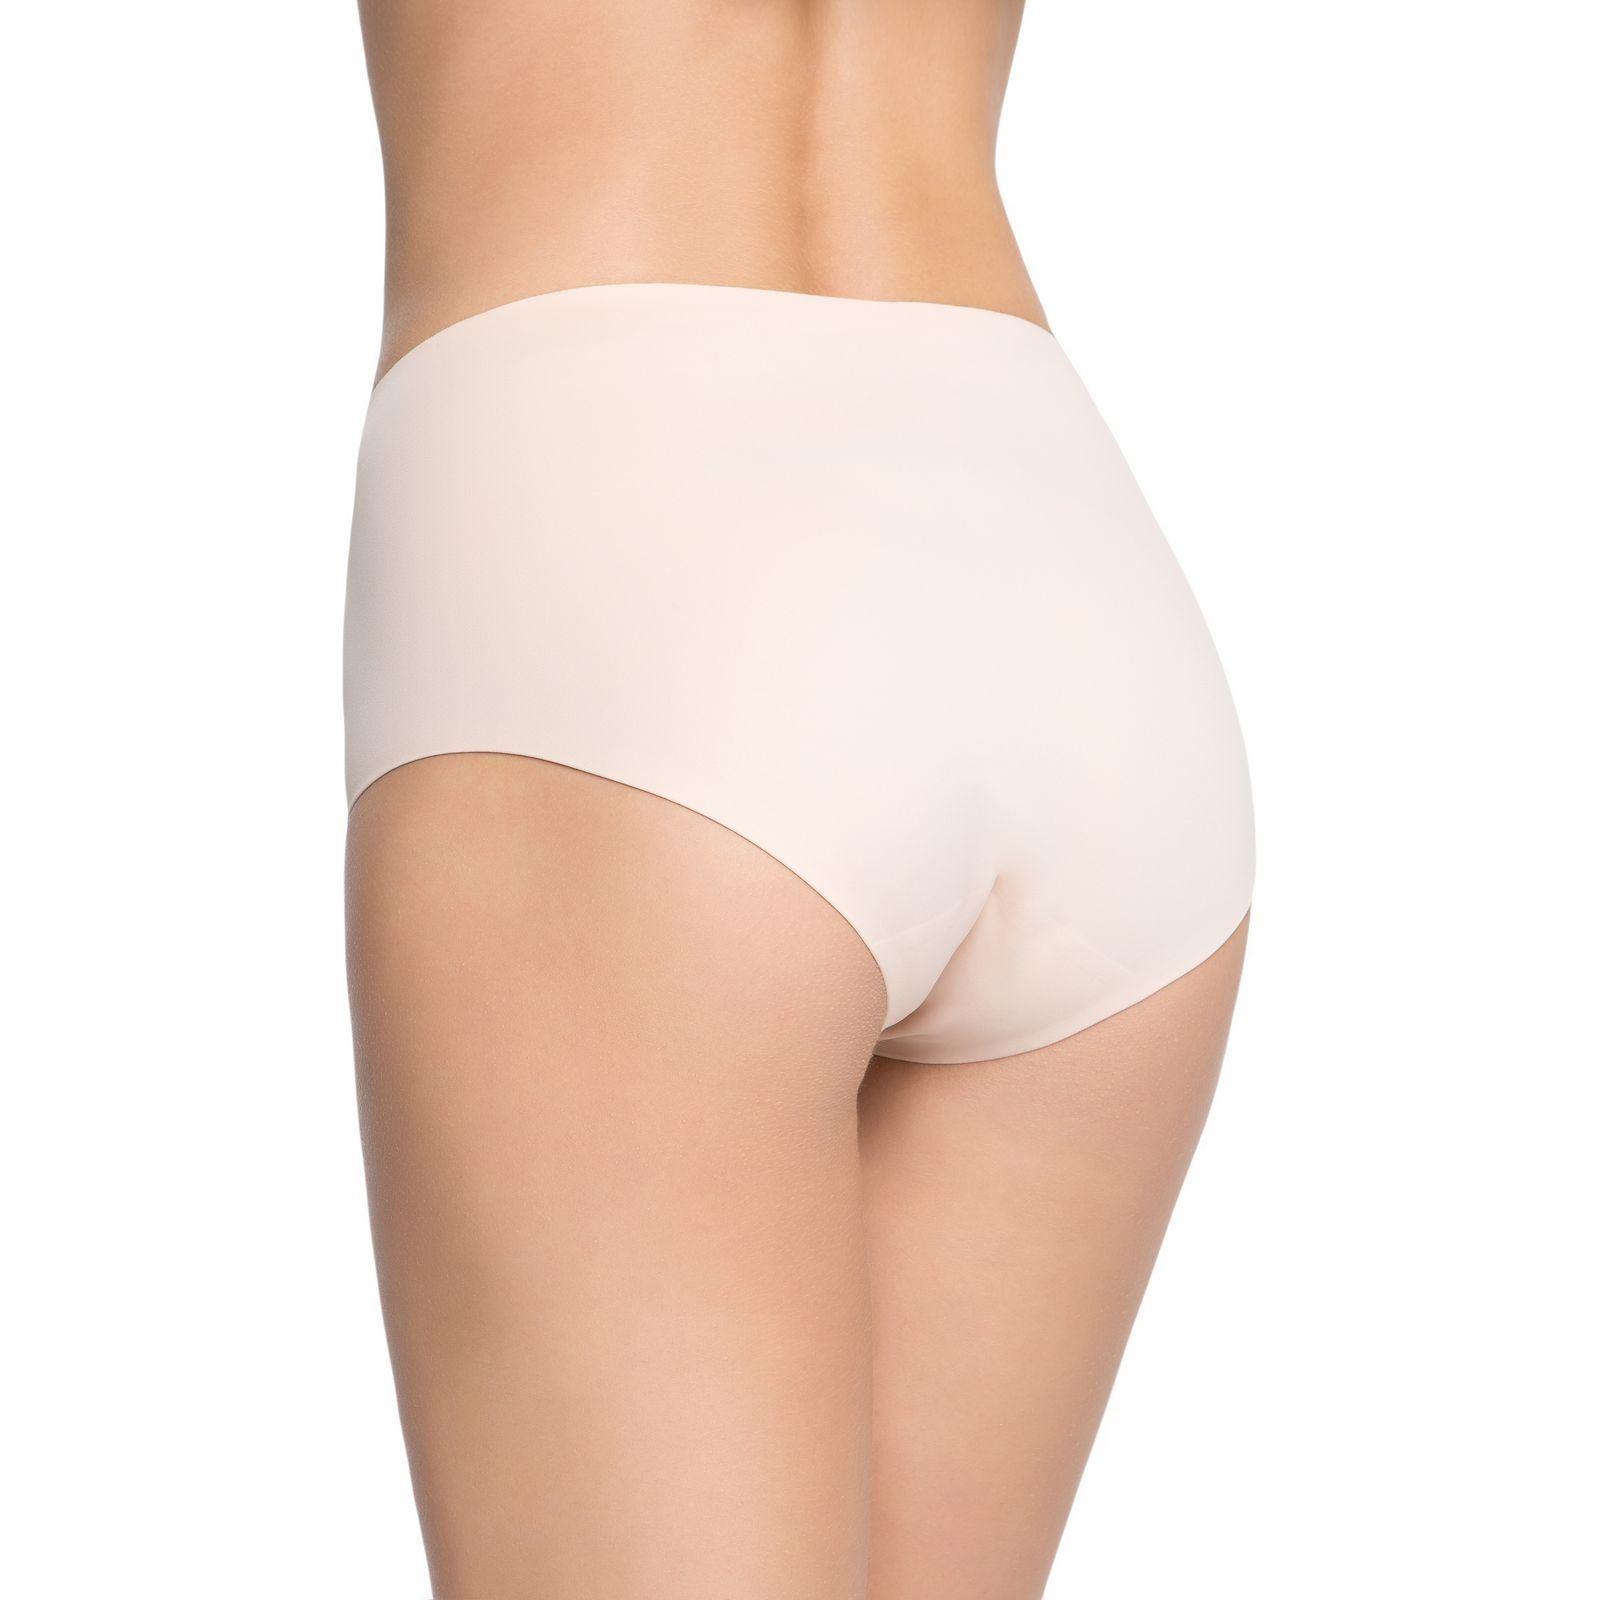 תחתון מקסי מחטב קל לייזר Pearl panty